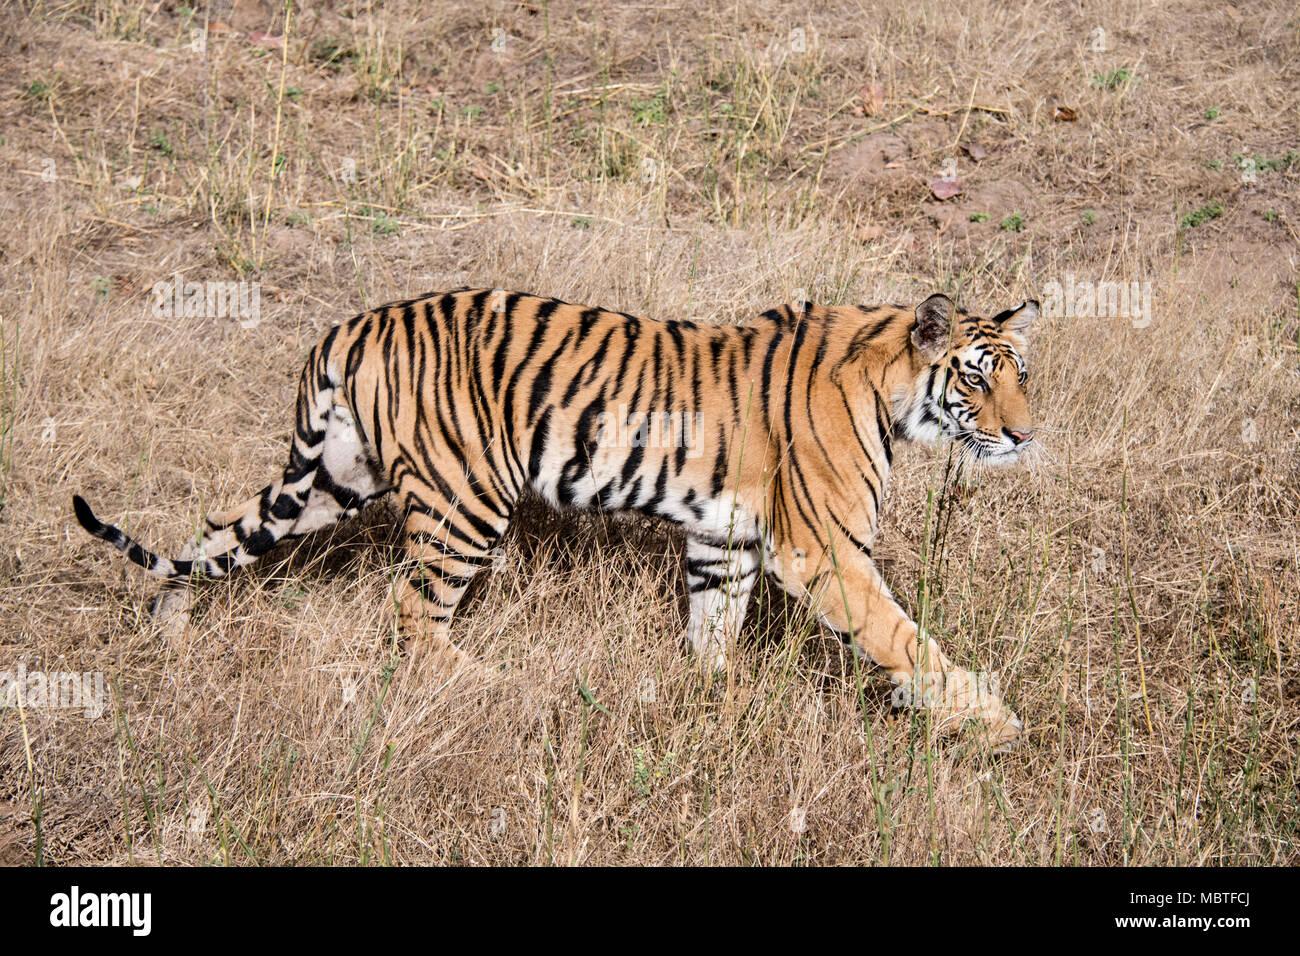 Macho de dos años, tigre de Bengala, Panthera tigris tigris,Vista lateral, longitud completa, caminar en la Reserva de Tigre de Bandhavgarh, en Madhya Pradesh, India Imagen De Stock